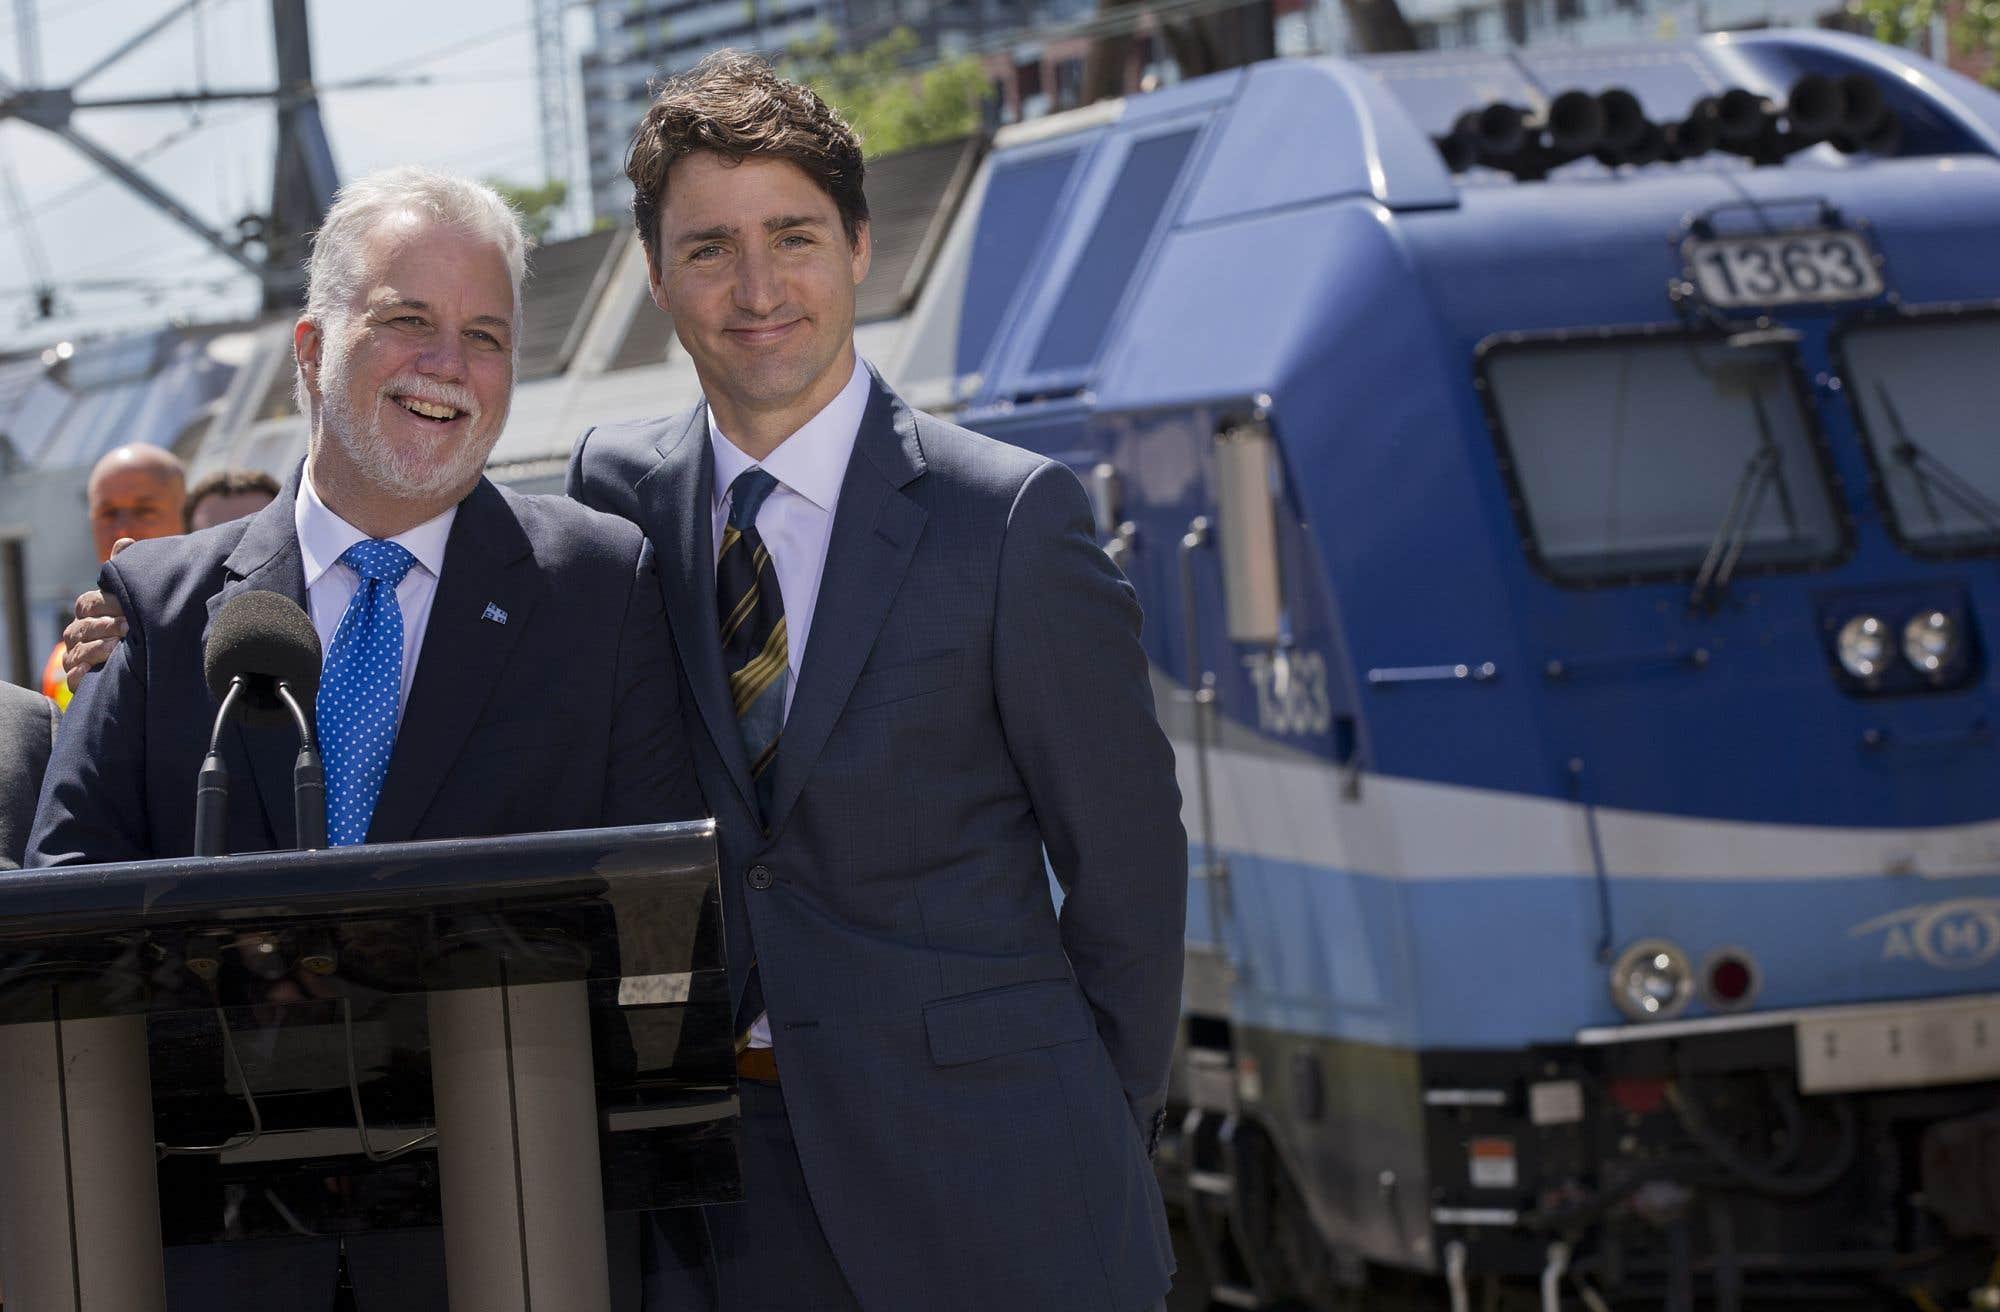 Justin Trudeau a annoncé que le gouvernement fédéral investira 1,28 milliard dans le projet de train de la région de Montréal piloté par la Caisse de dépôt et placement du Québec. Il a aussi annoncé que son gouvernement serait partenaire de la Caisse de dépôt et du gouvernement du Québec, qui investiront 2,67 milliards et 1,28 milliard respectivement dans le projet de REM.